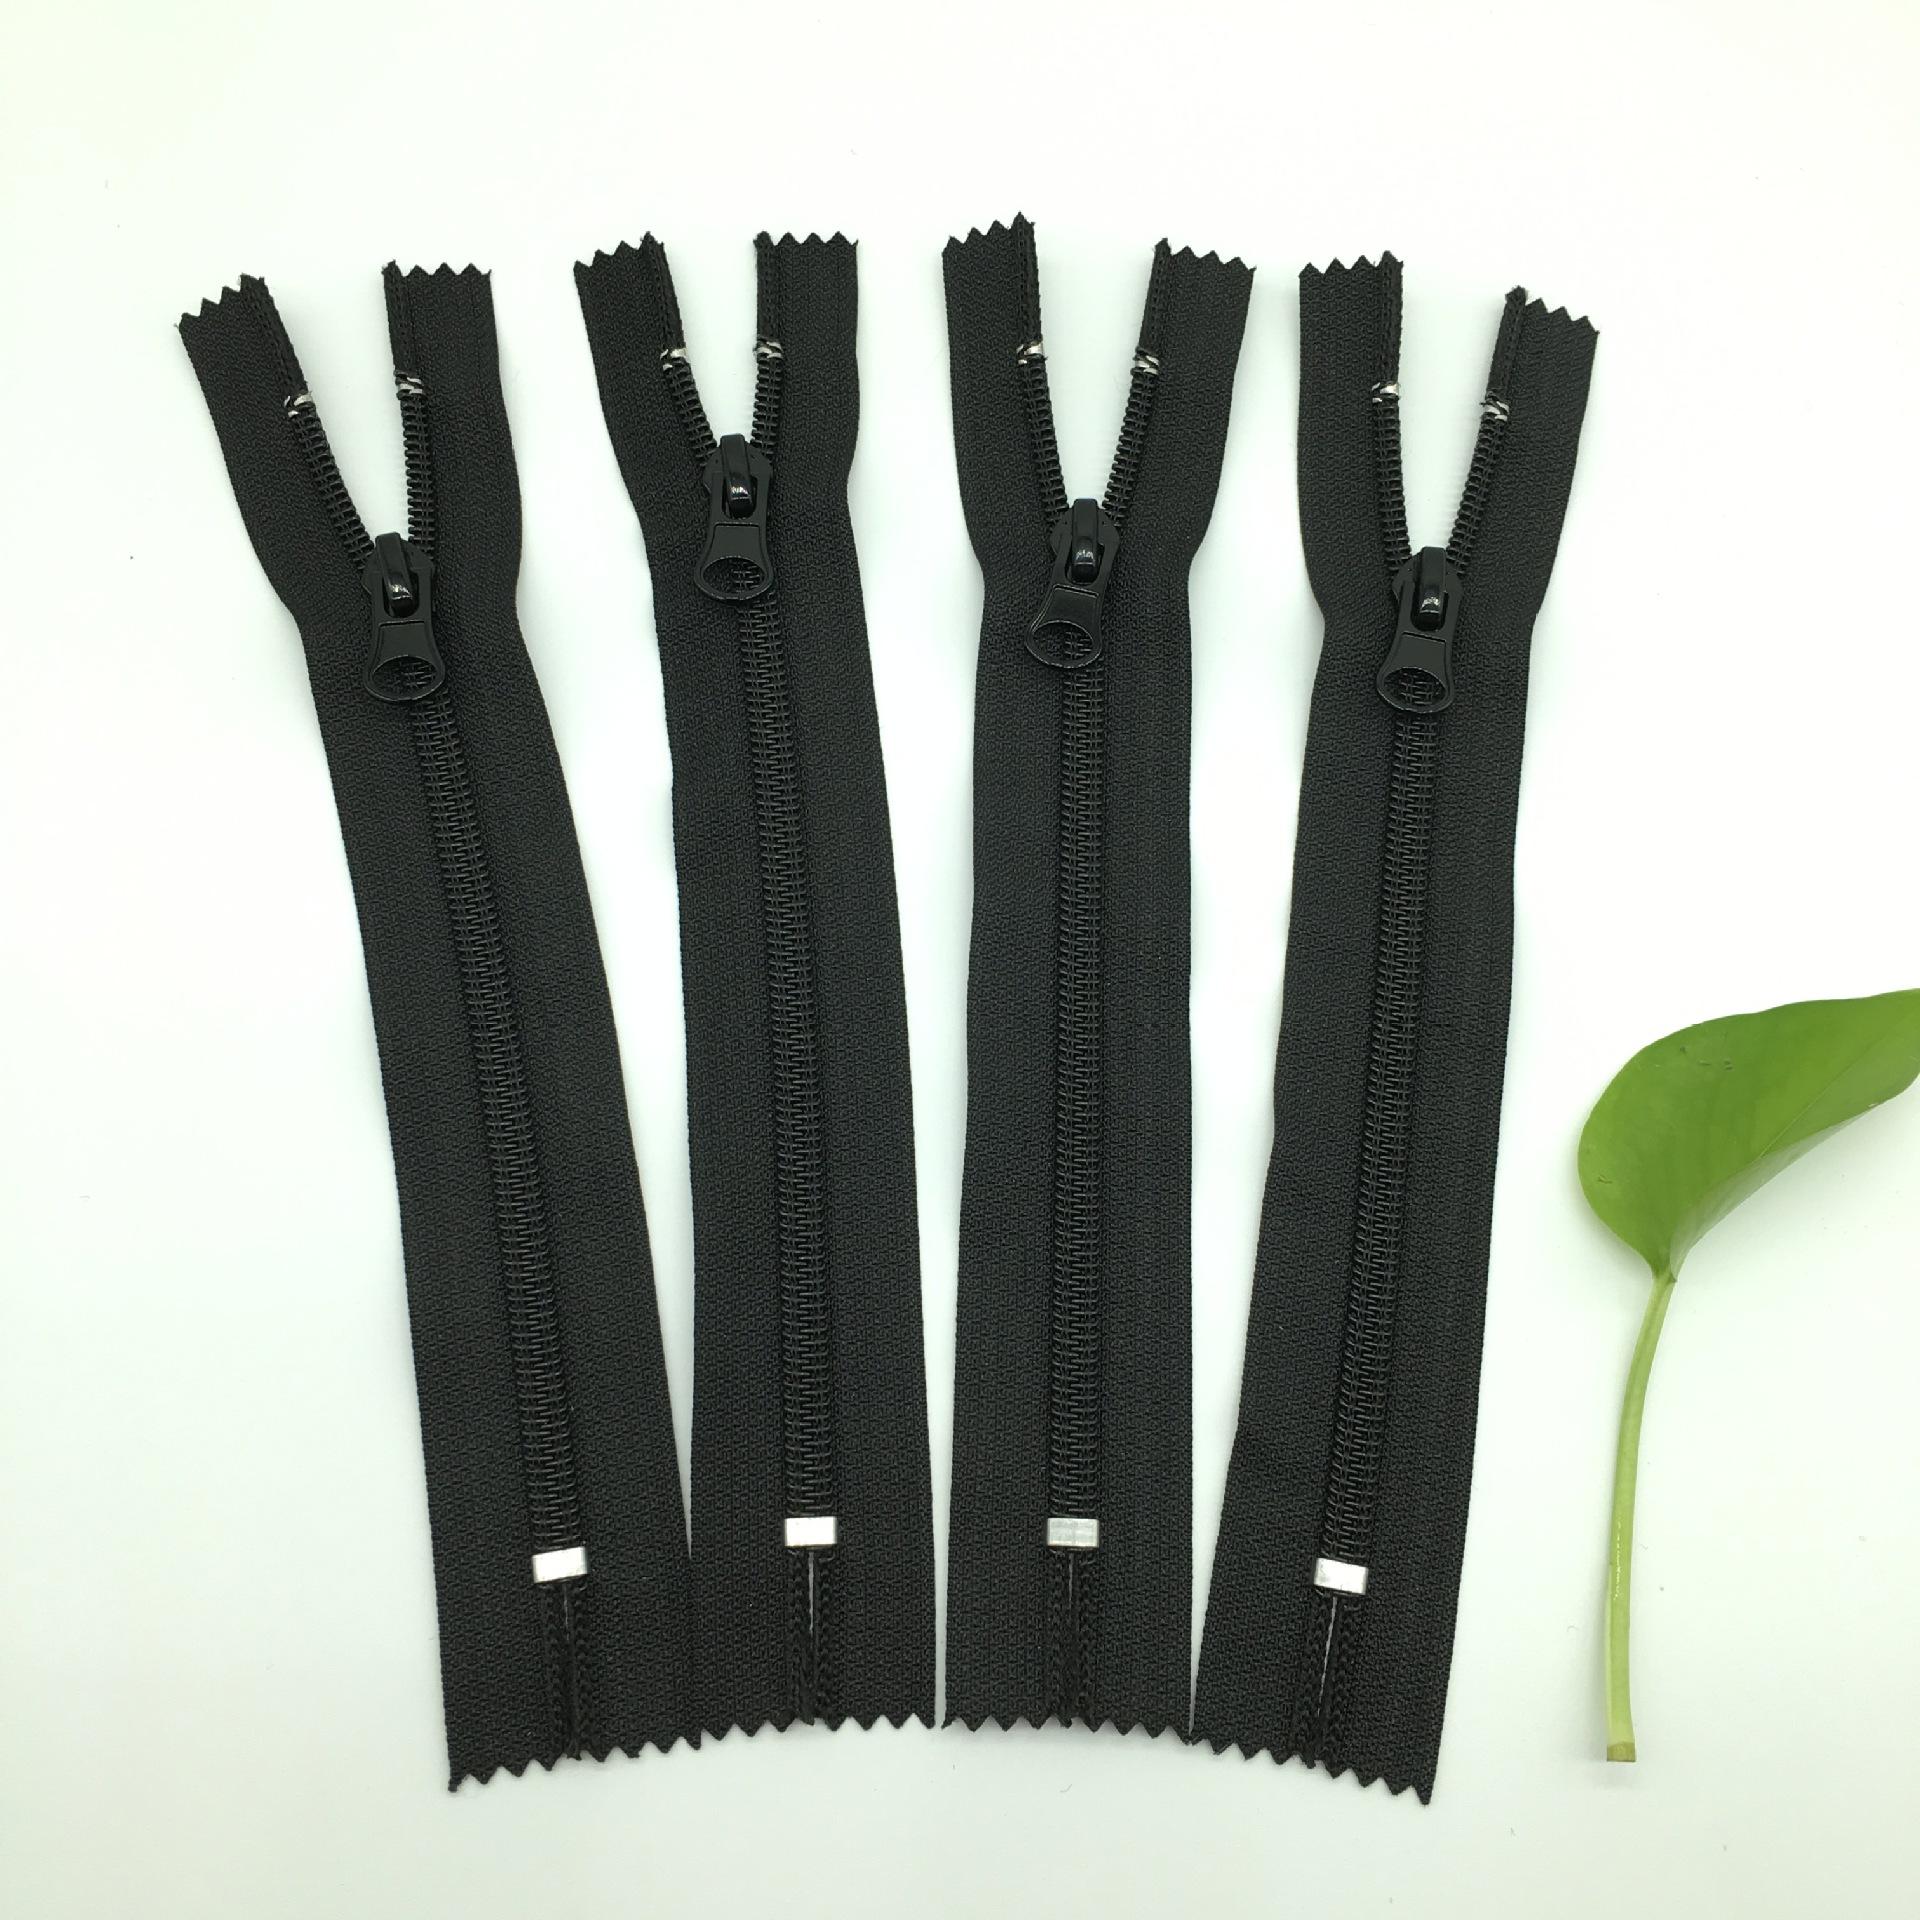 SIS dây kéo nhà máy bán hàng trực tiếp Số 5 nylon đóng đuôi dây kéo điện màu trắng trên và dưới quần